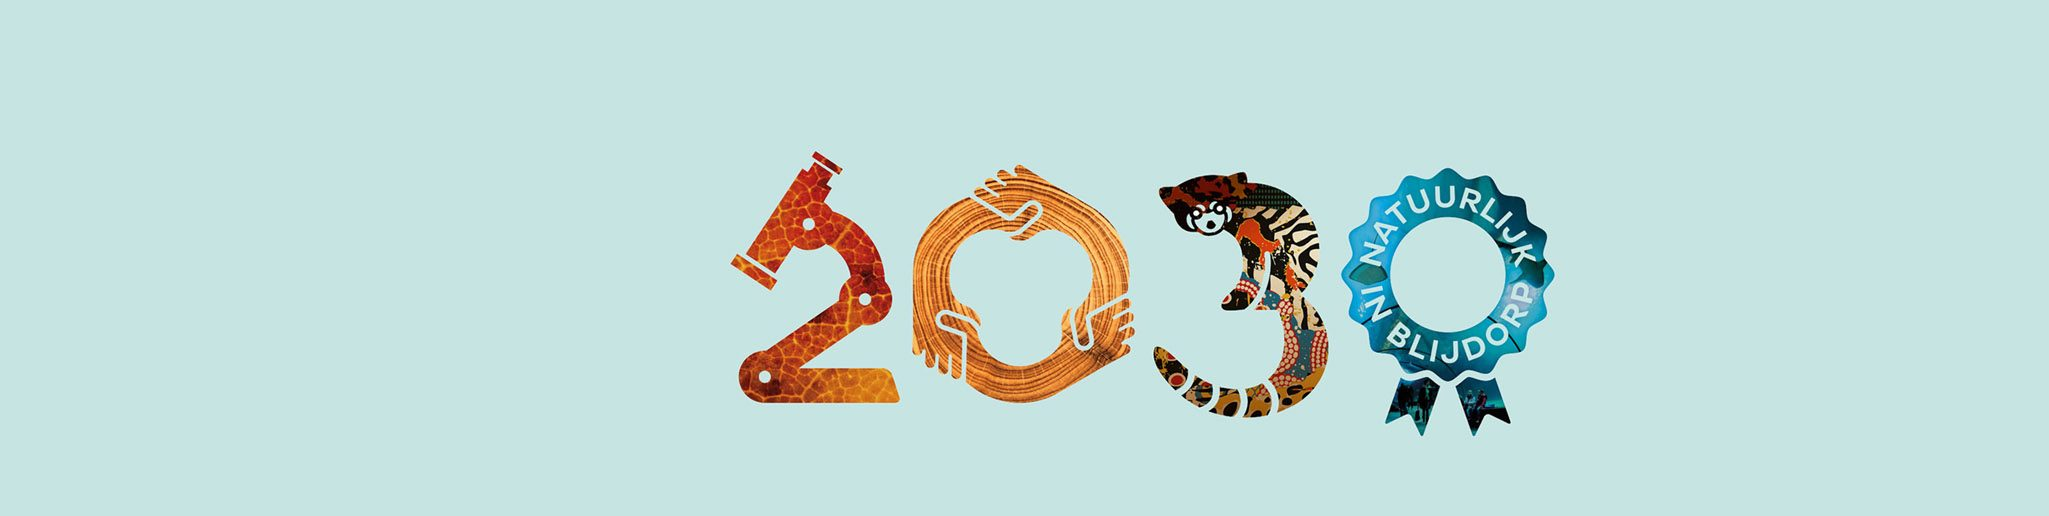 logo masterplan 2030